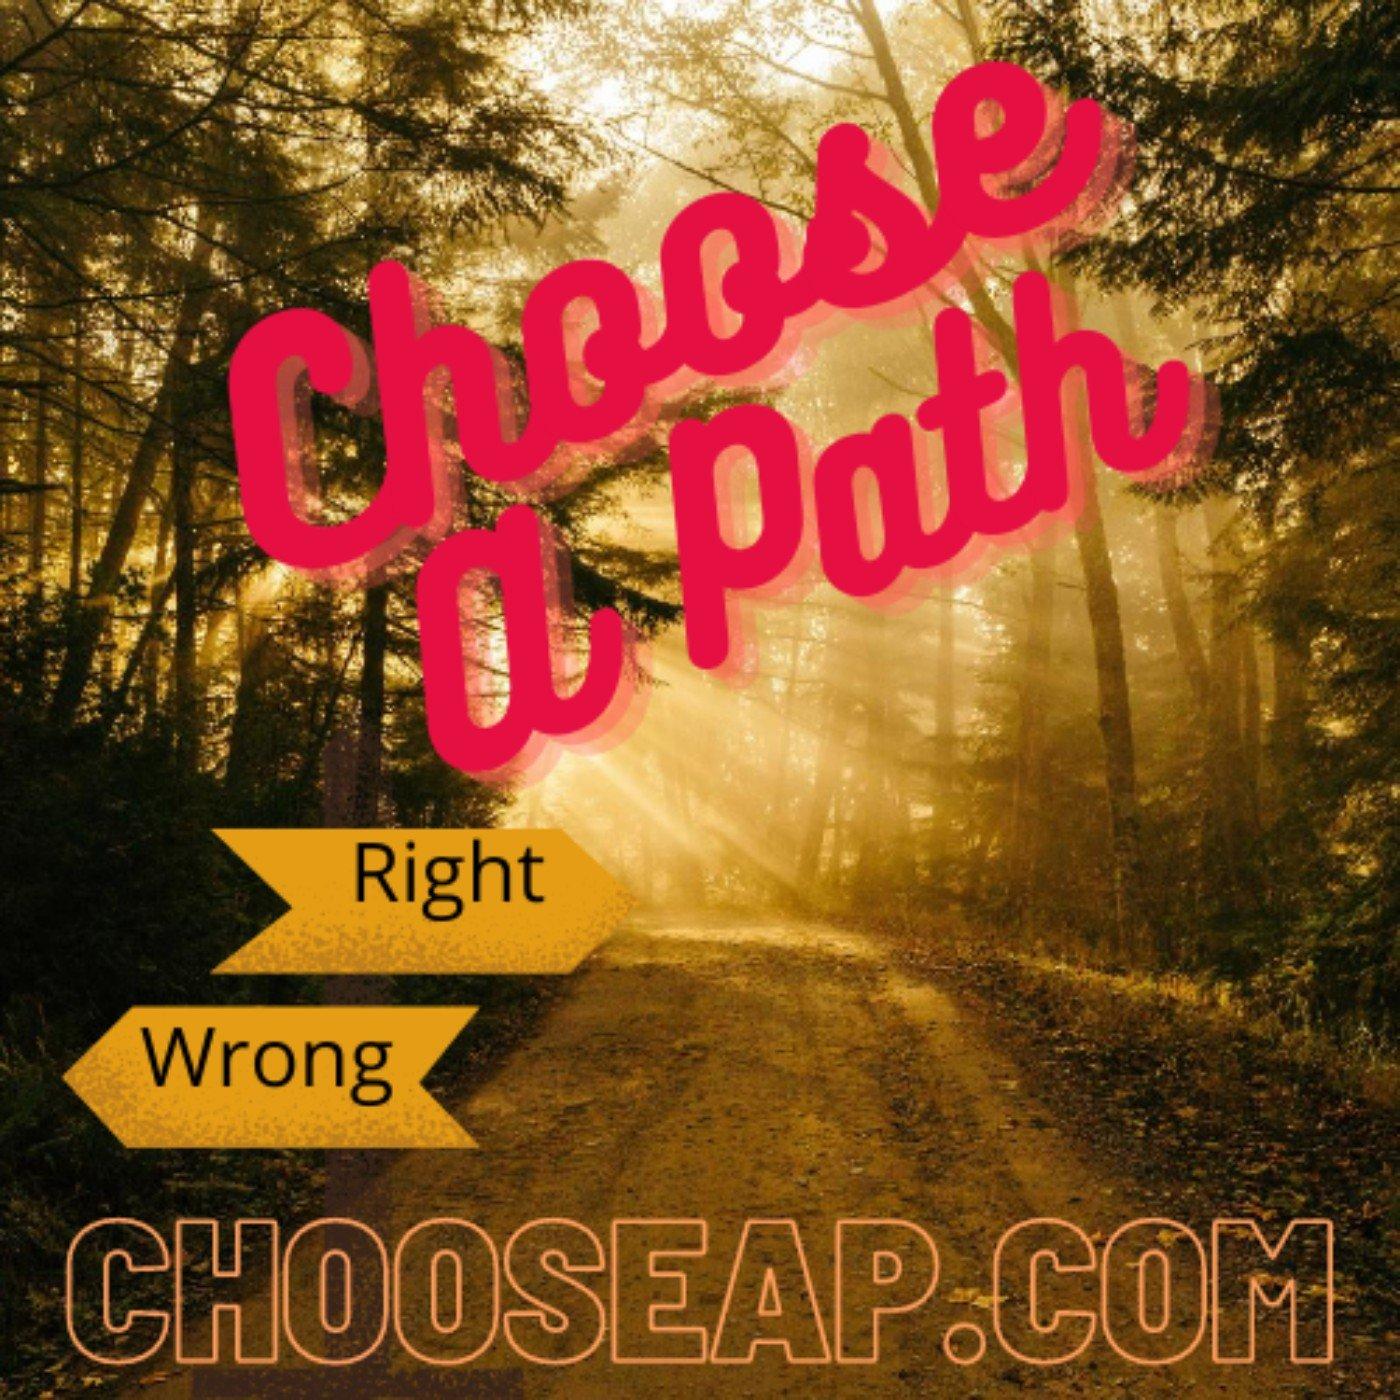 Chooseap.com